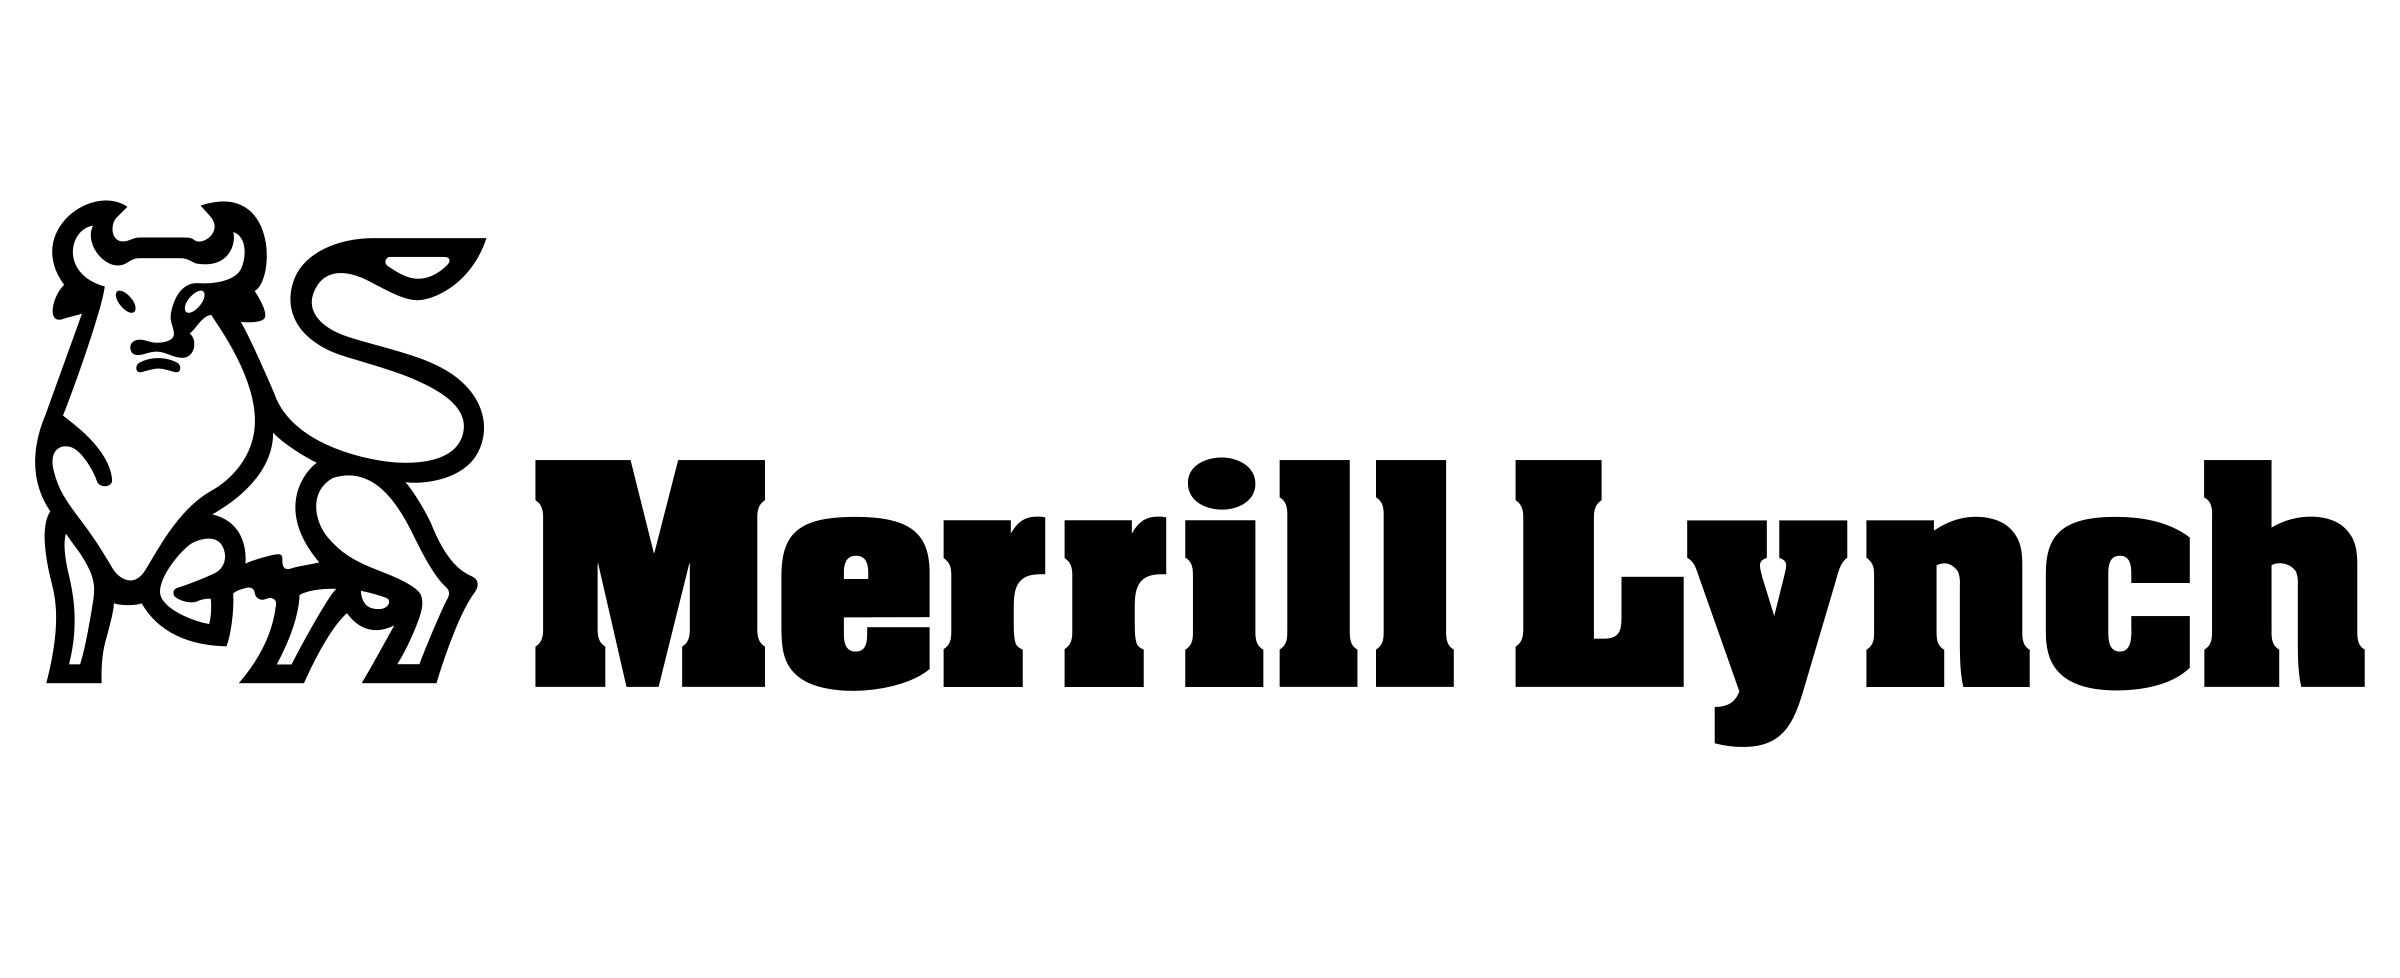 merrill-lynch-2-logo-png-transparent-e1552324238911.png